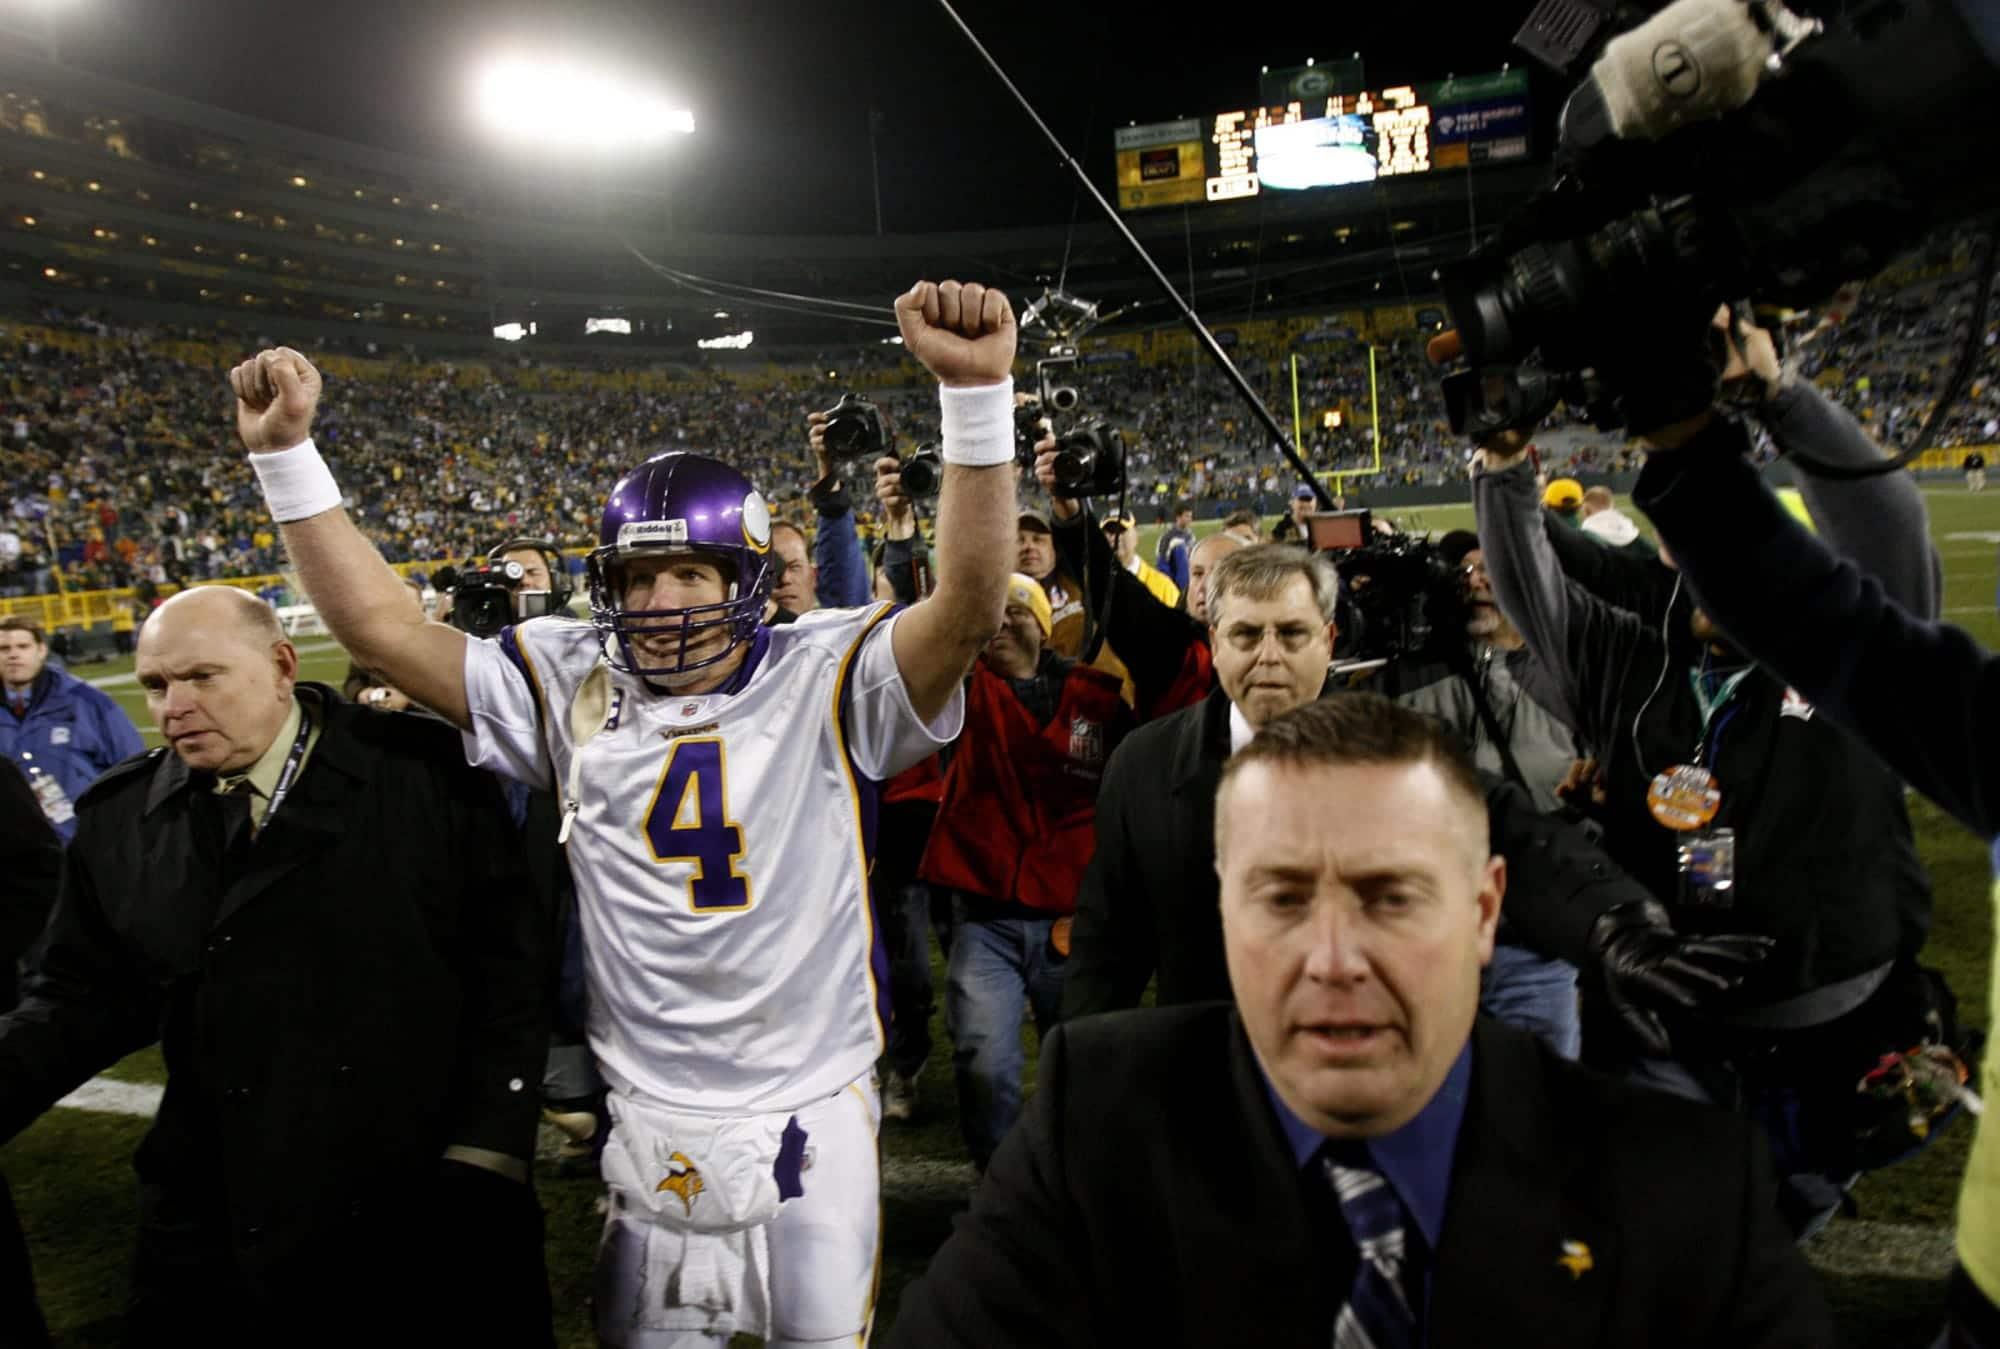 Brett Favre comemora após vitória sobre Packers no Lambeau Field em 2009